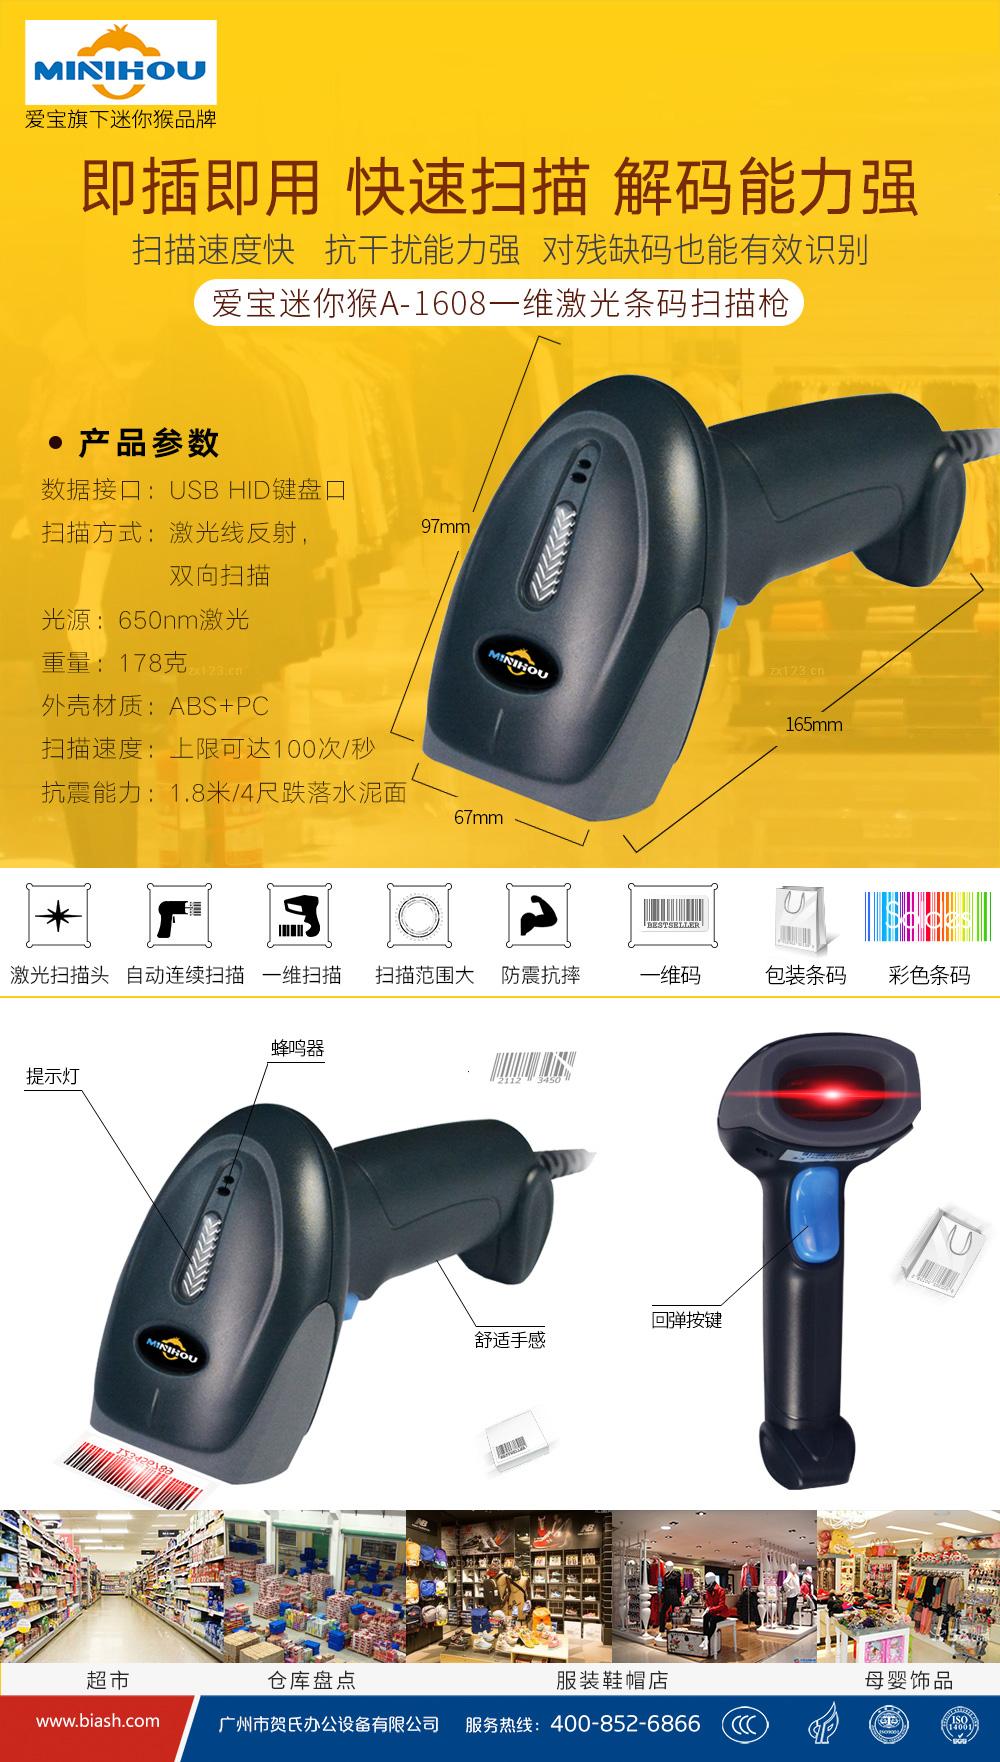 迷你猴A-1608扫描枪.jpg